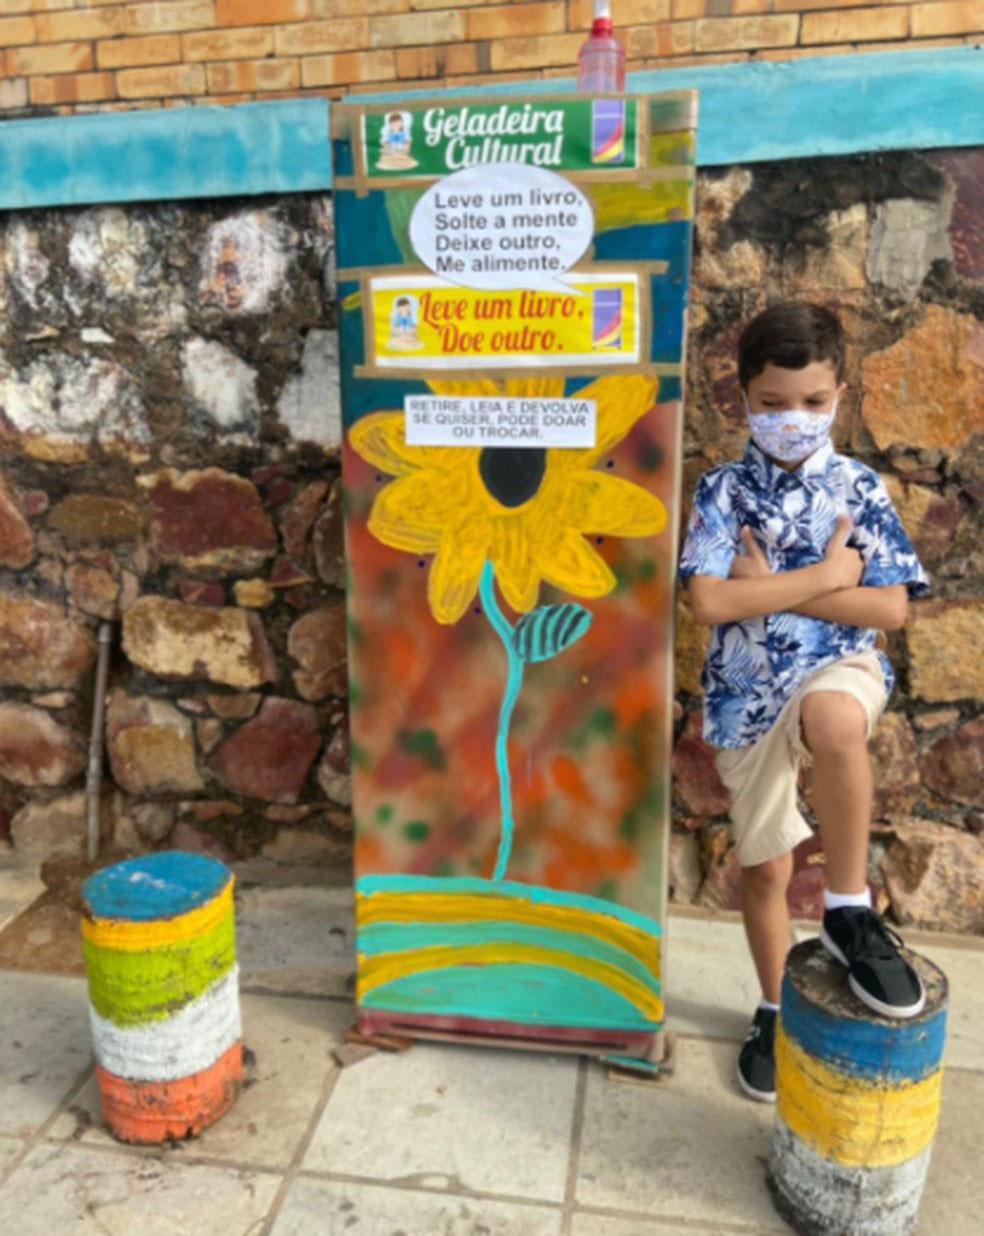 Menino em frente a geladeira cultural